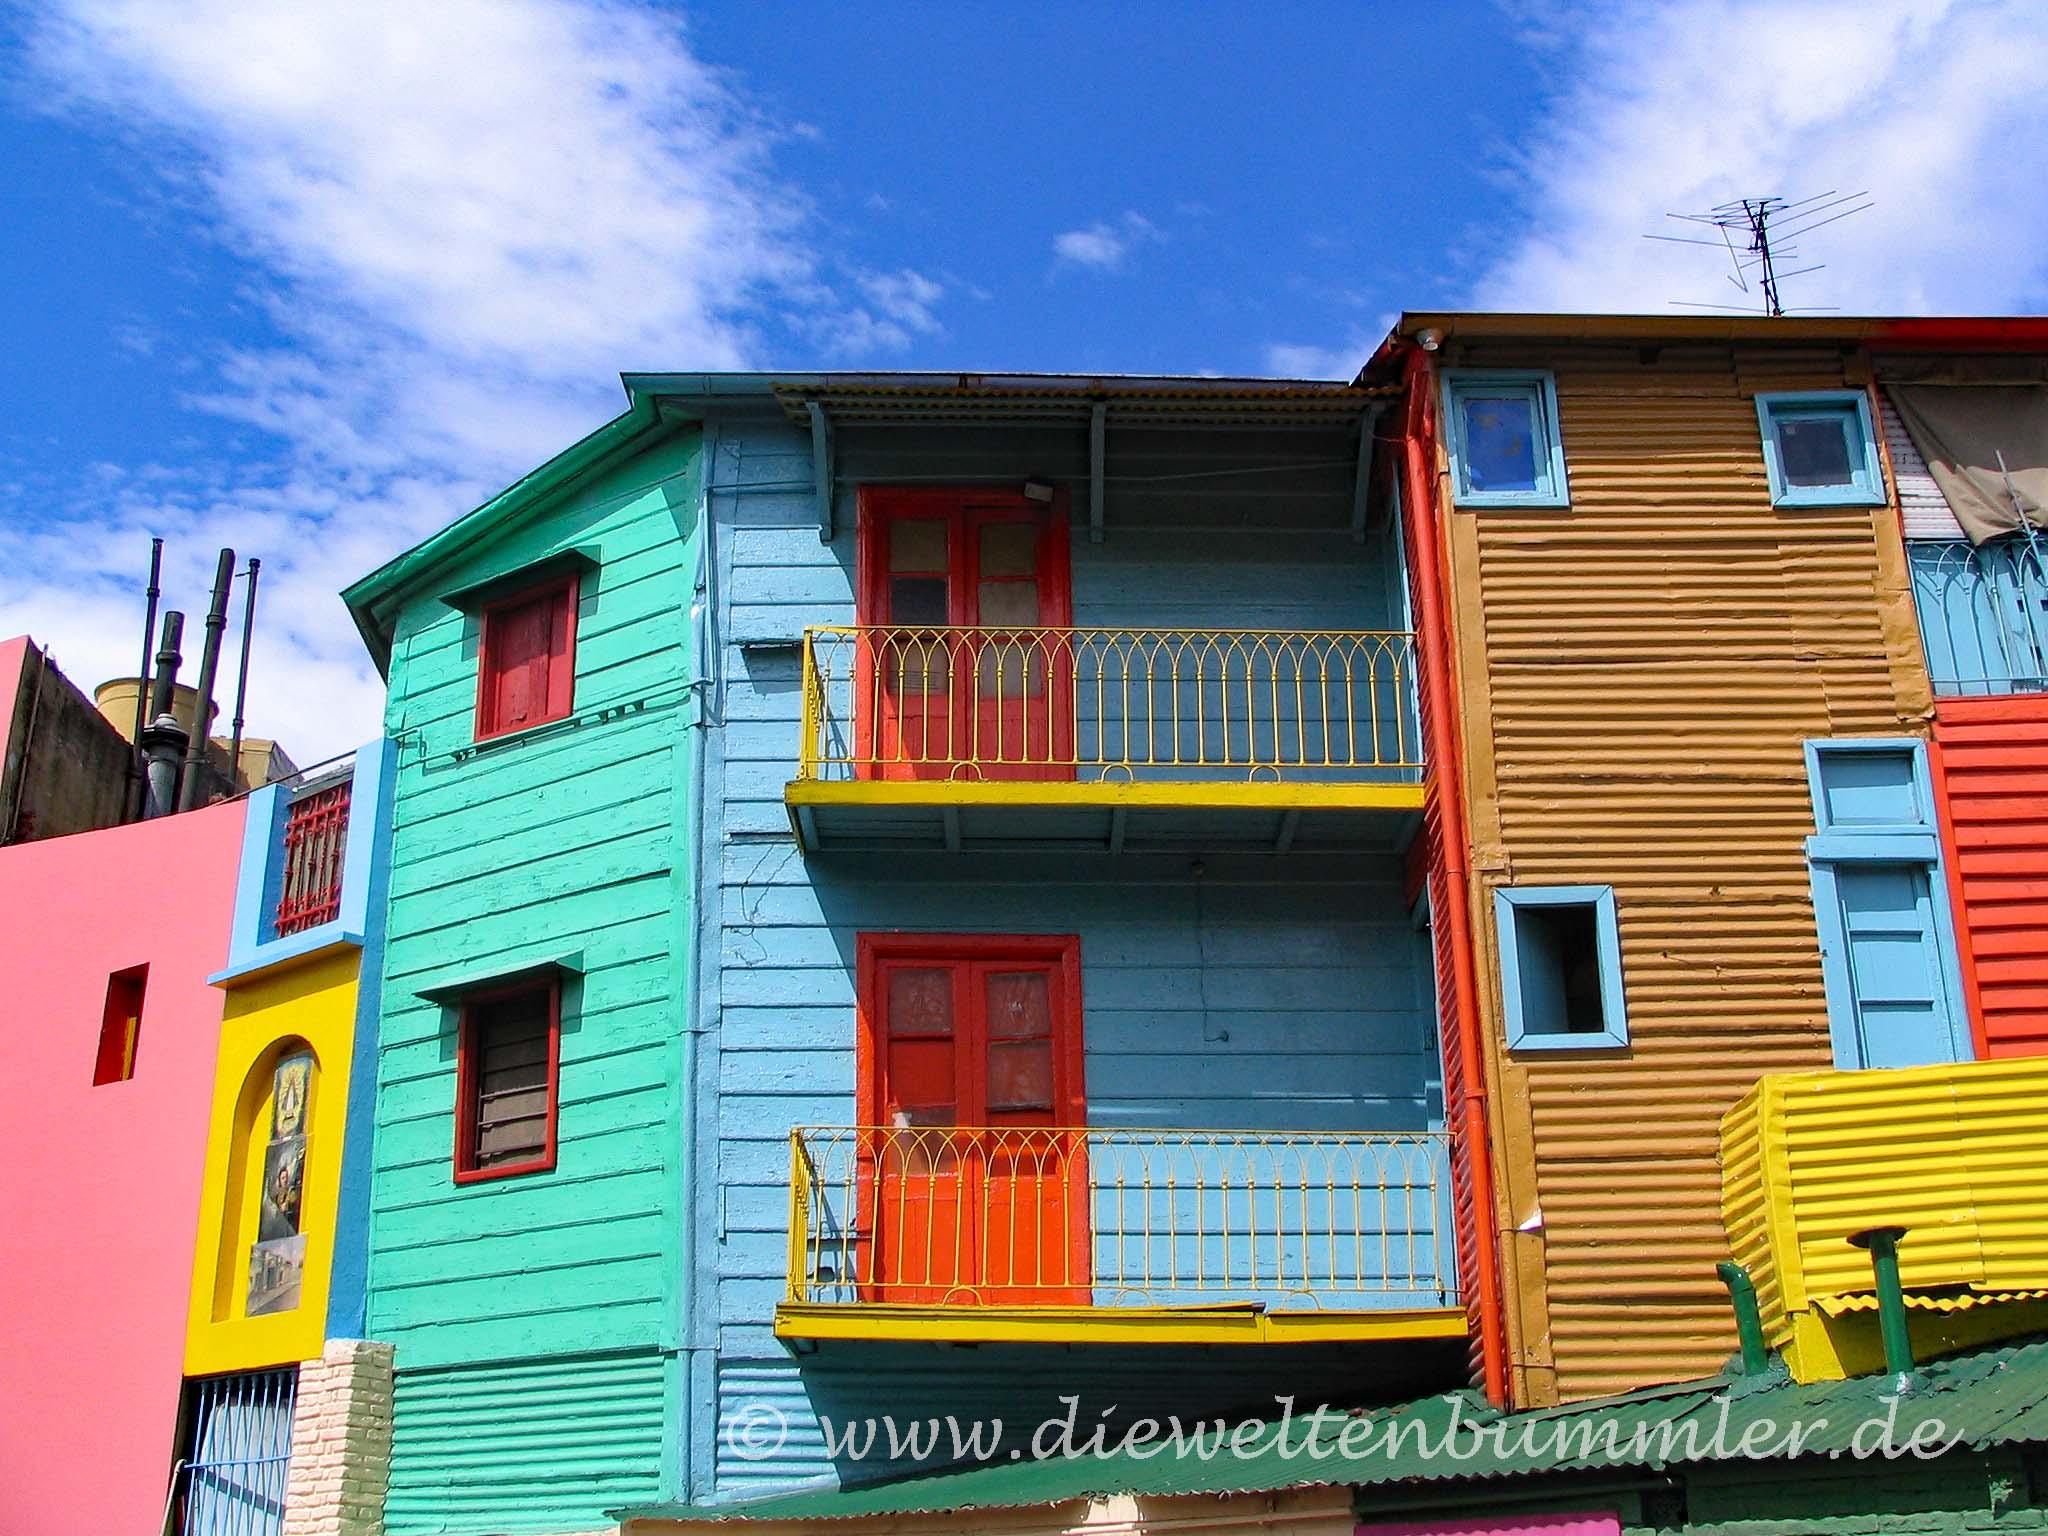 Farbenfrohe Caminito in La Boca